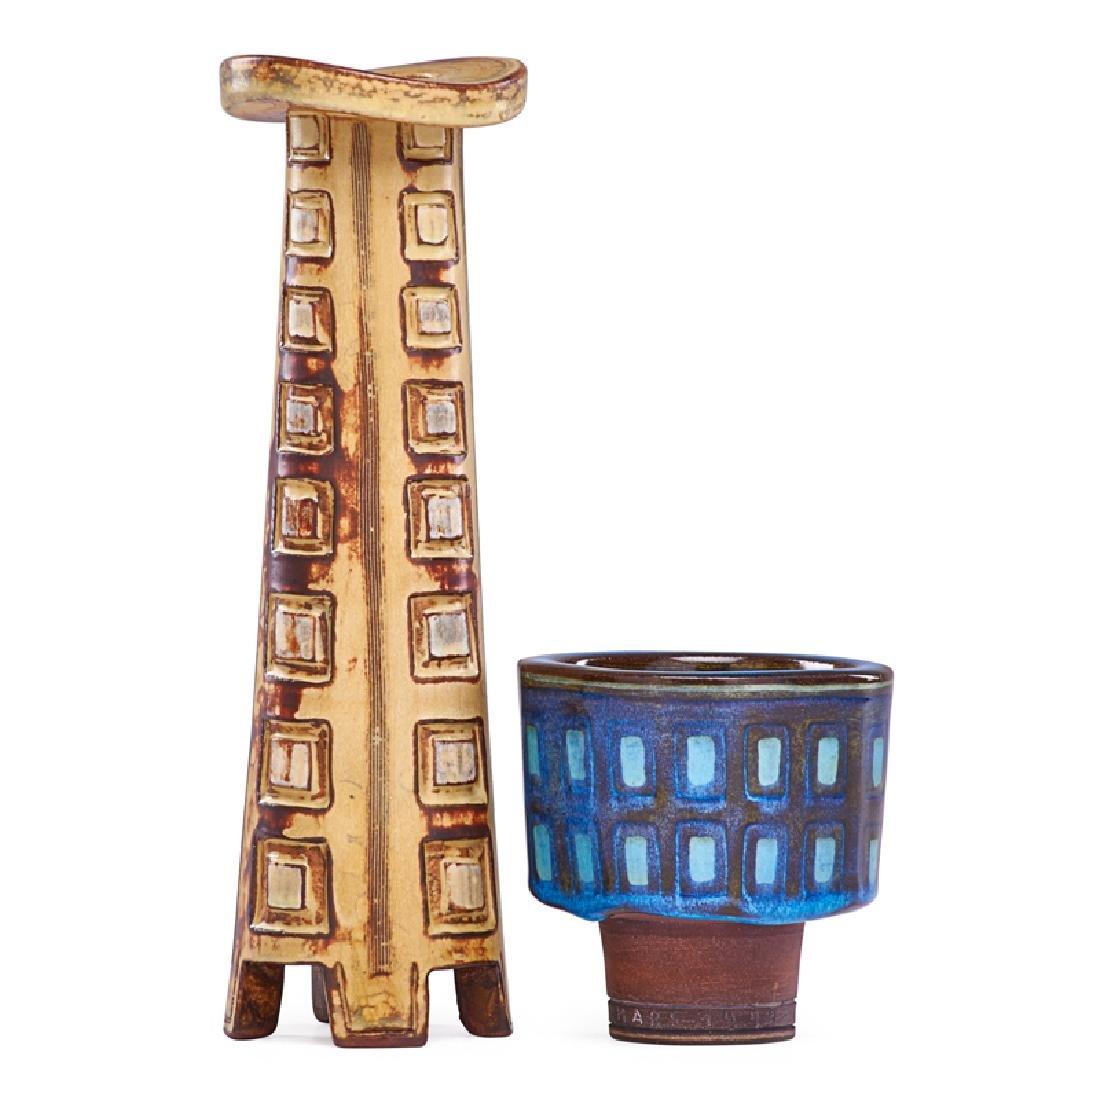 WILHELM KAGE Two Farsta vases